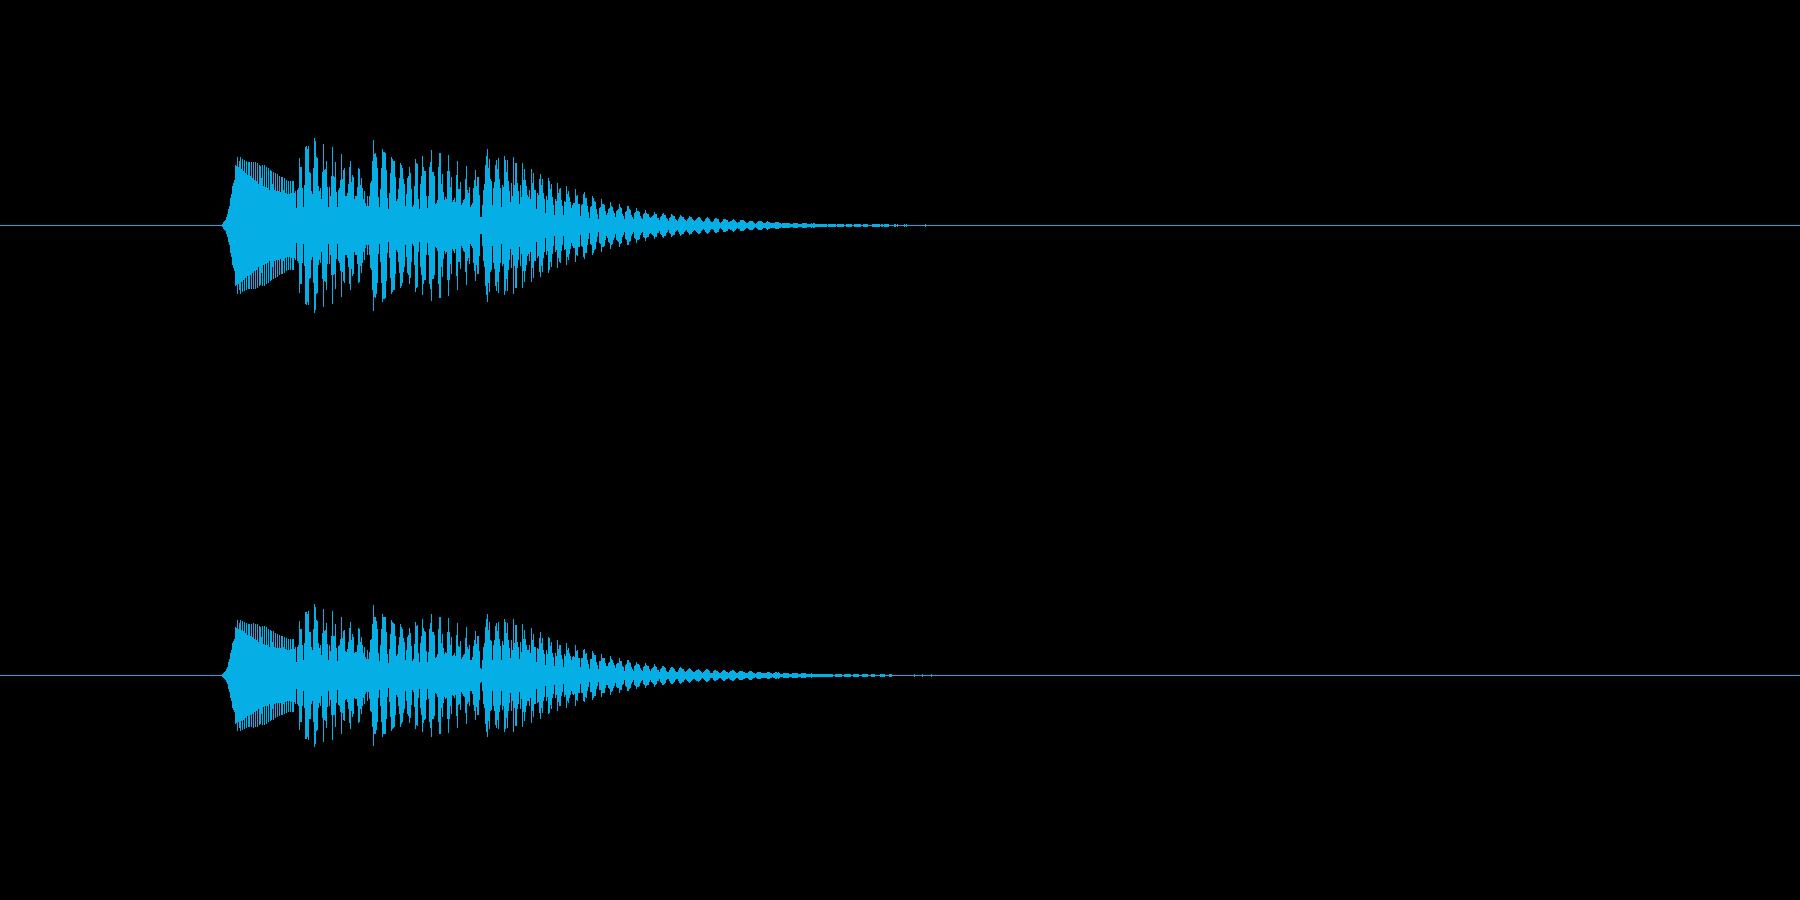 ポロロロン(軽やかな打楽器音)の再生済みの波形